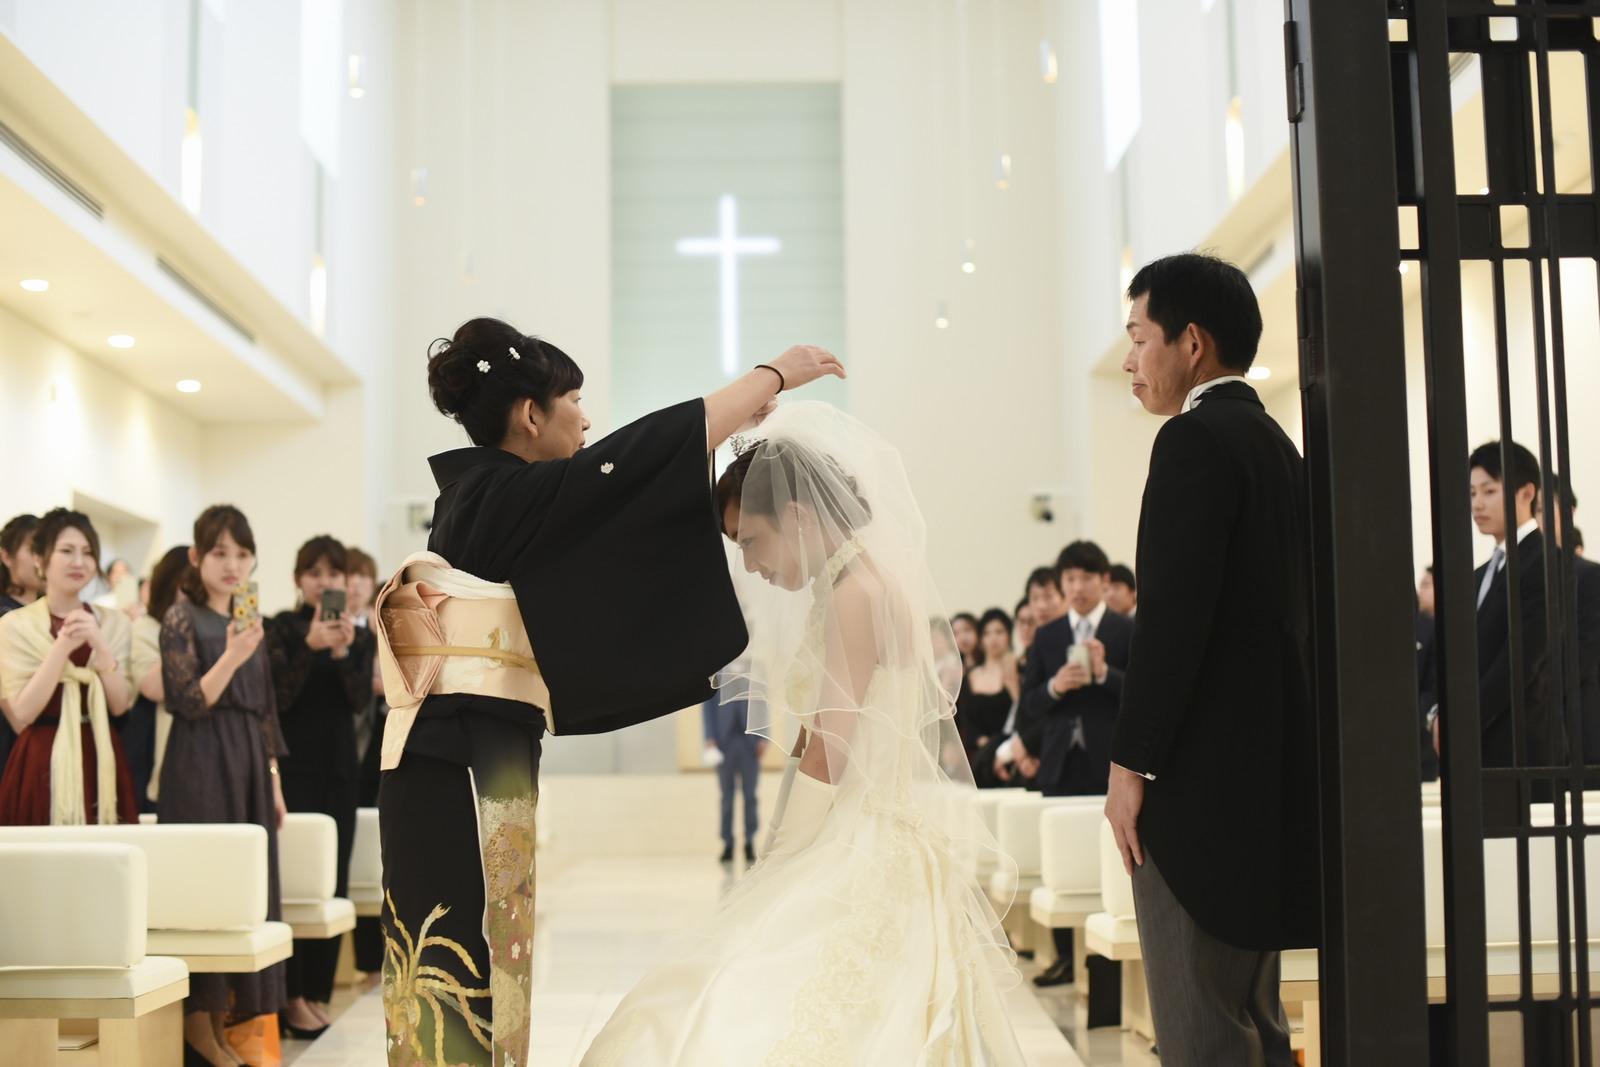 徳島市の結婚式場ブランアンジュでのセレモニーでお母さまとの最後のベールダウンセレモニー